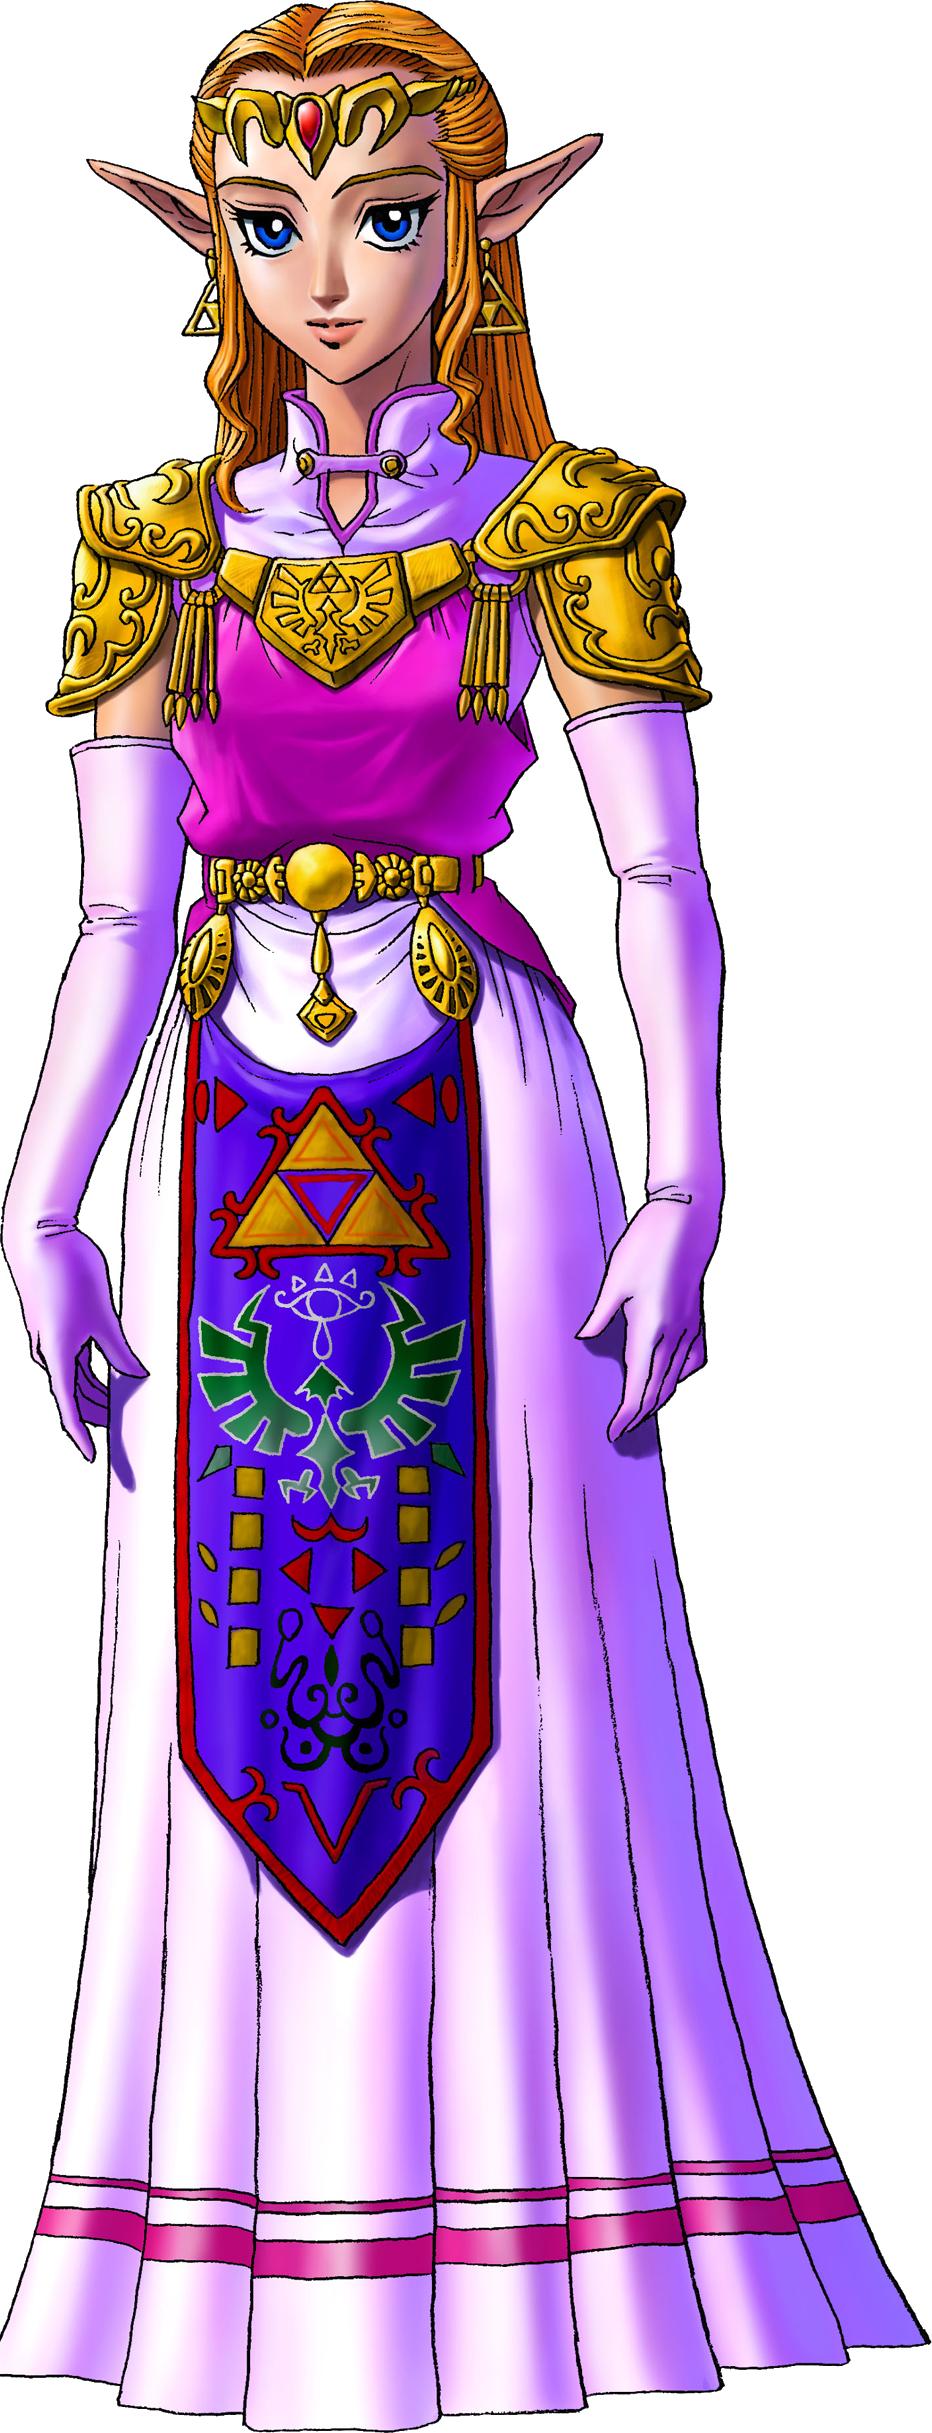 Zelda Adult 21